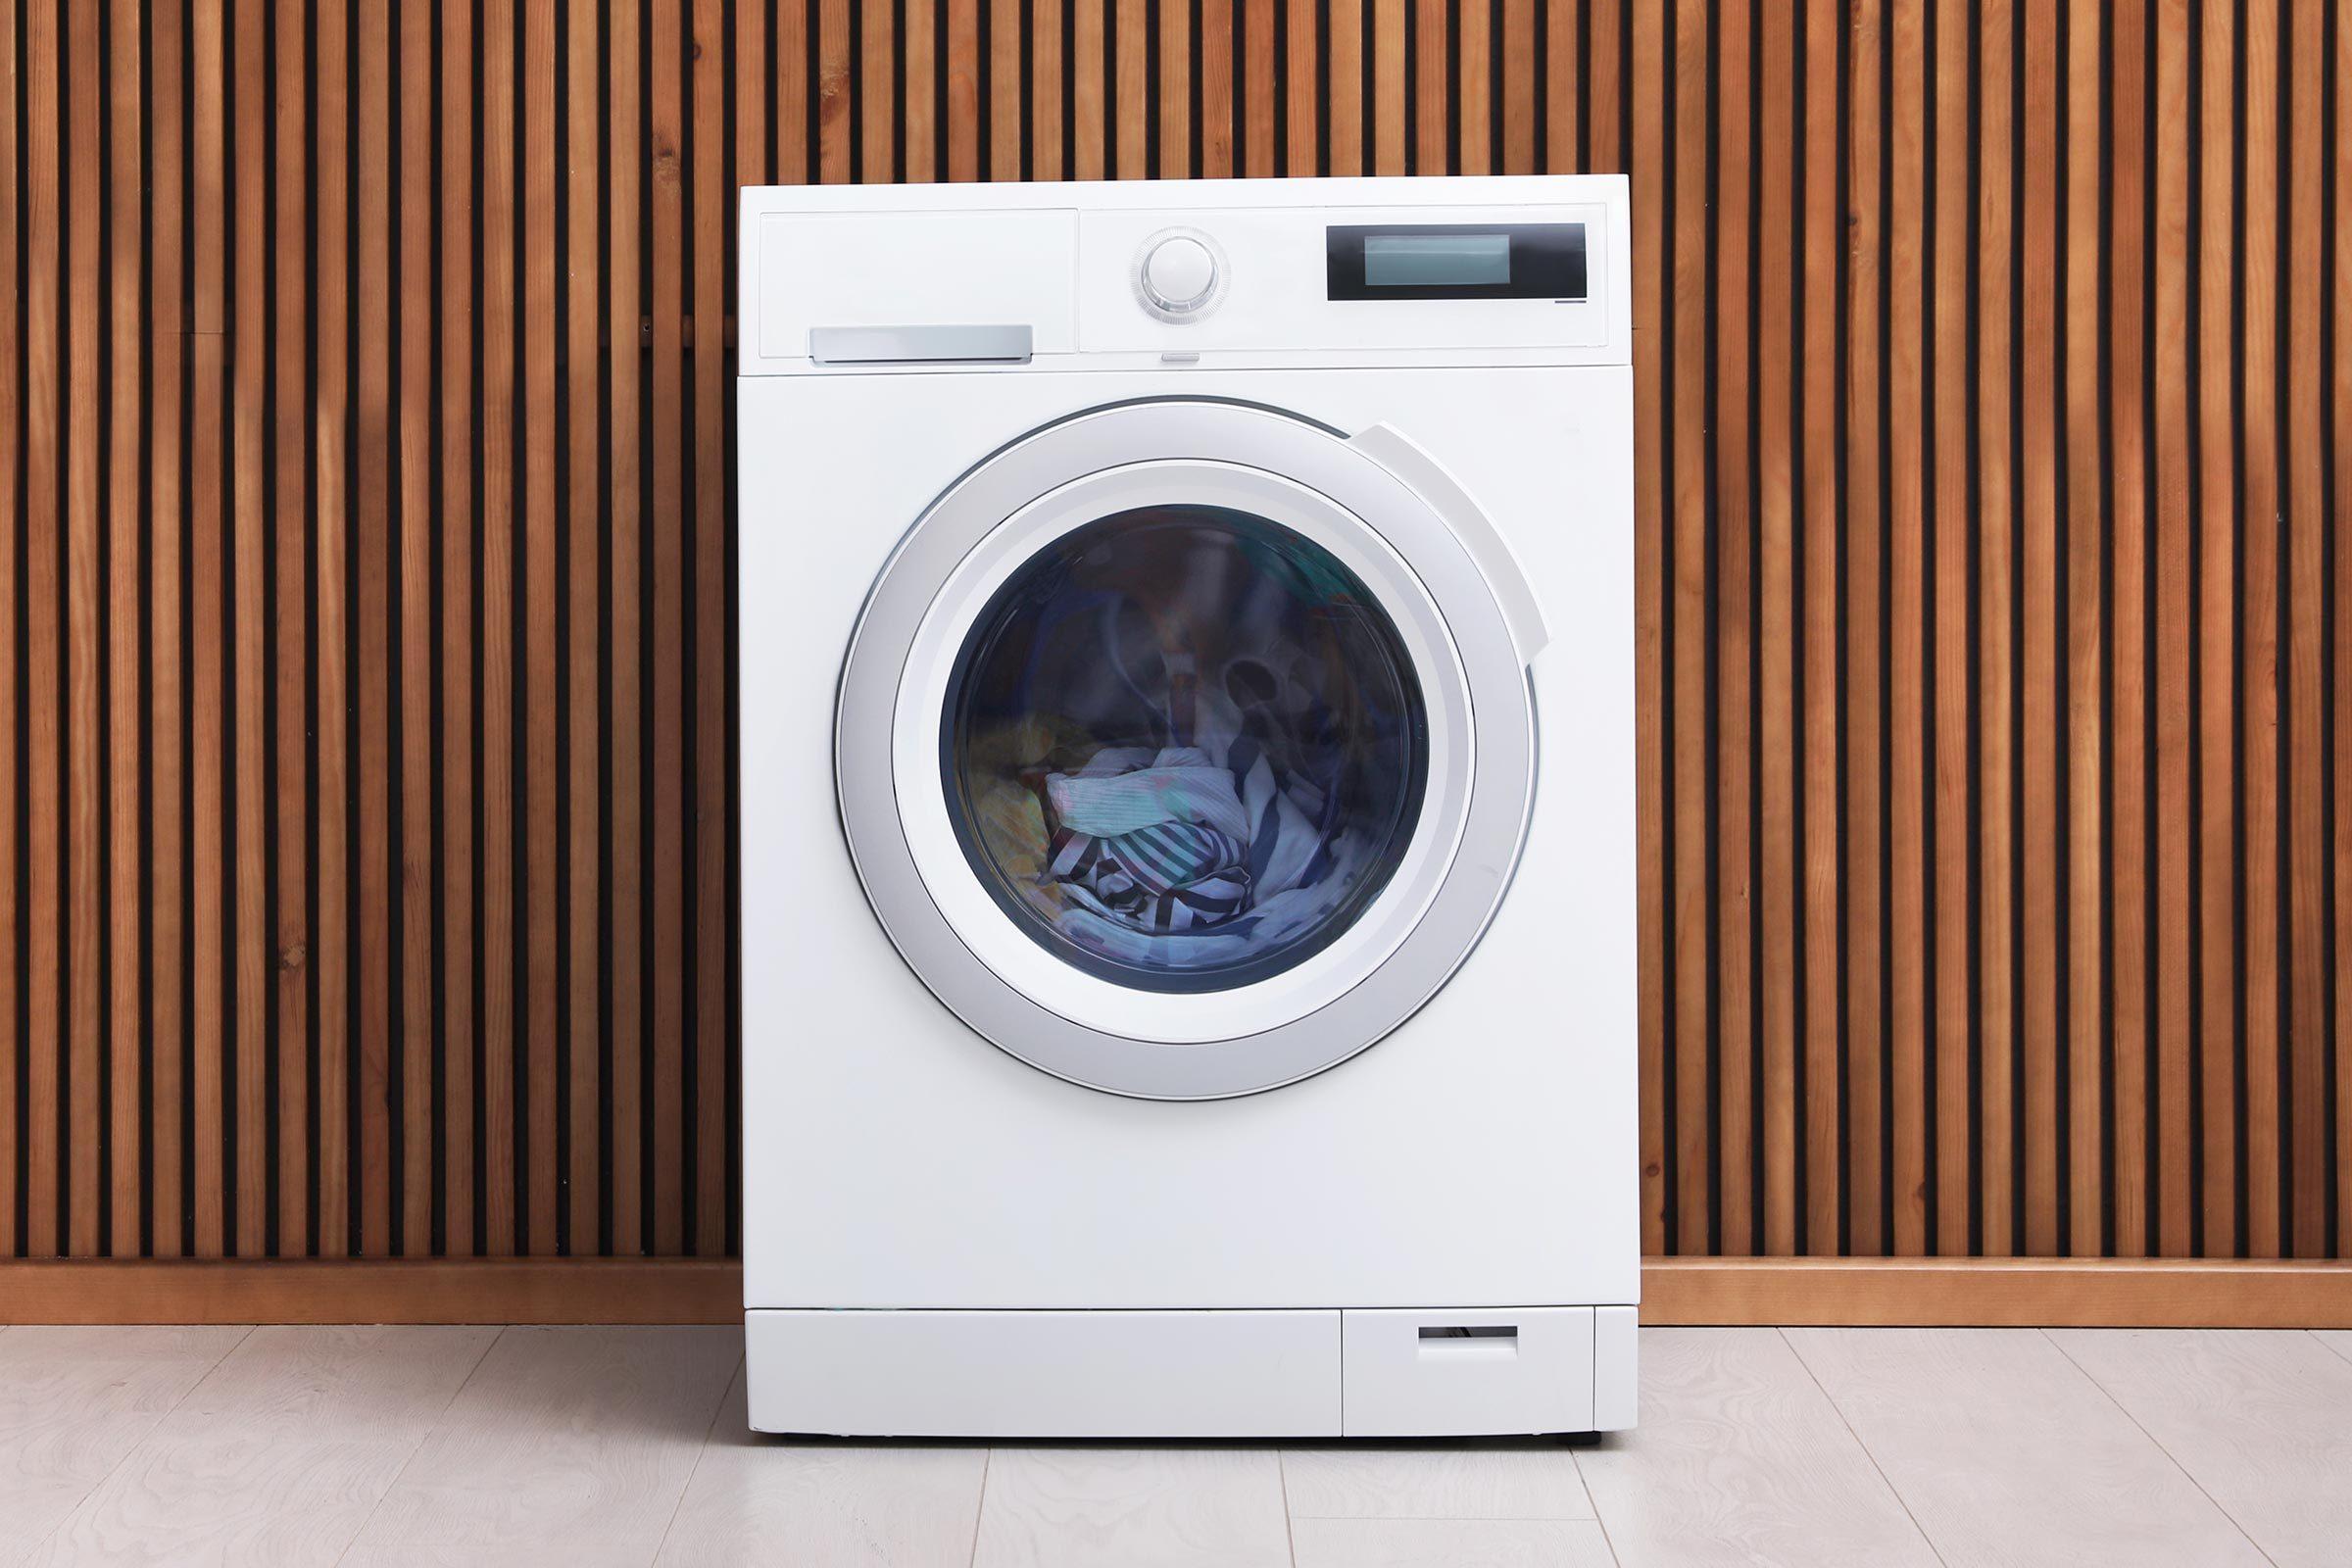 Get Best Washing Machine